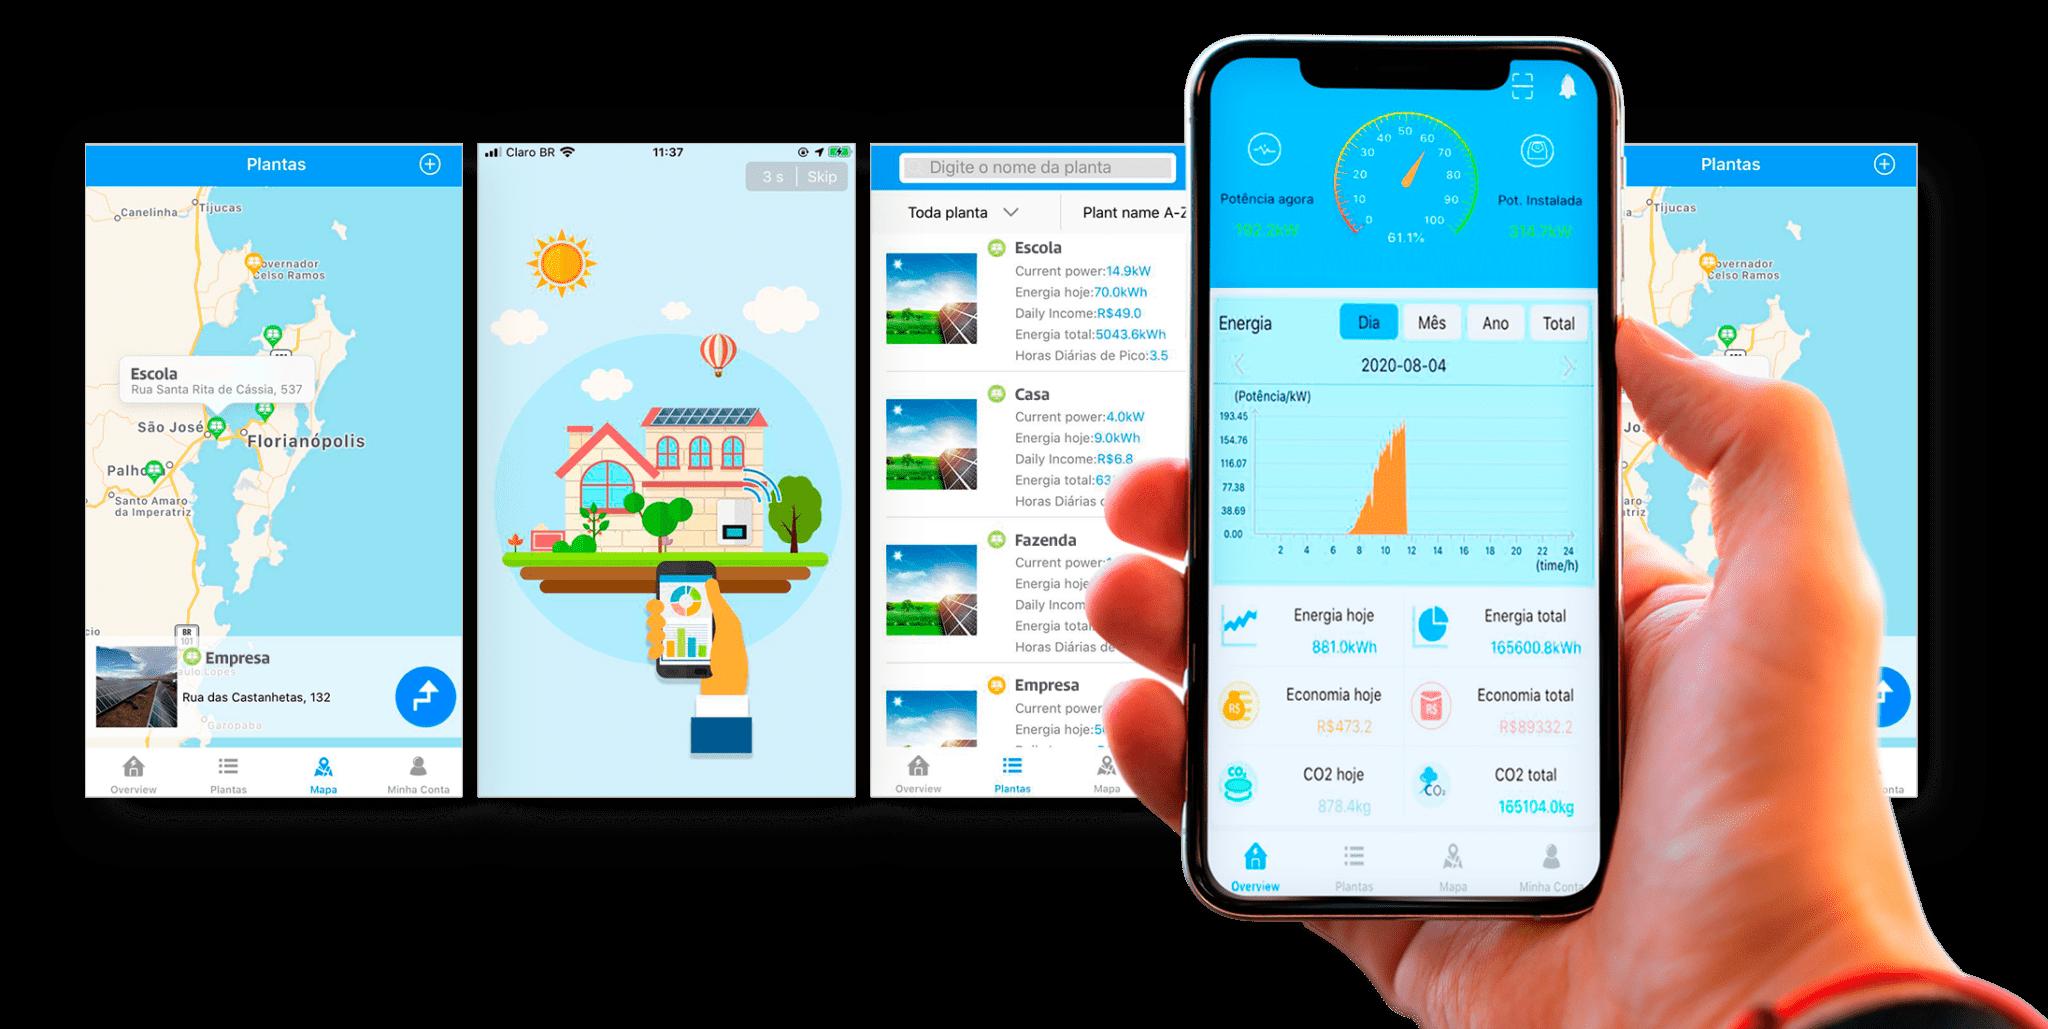 Monitore o desempenho das suas placas fotovoltaicas pelo celular